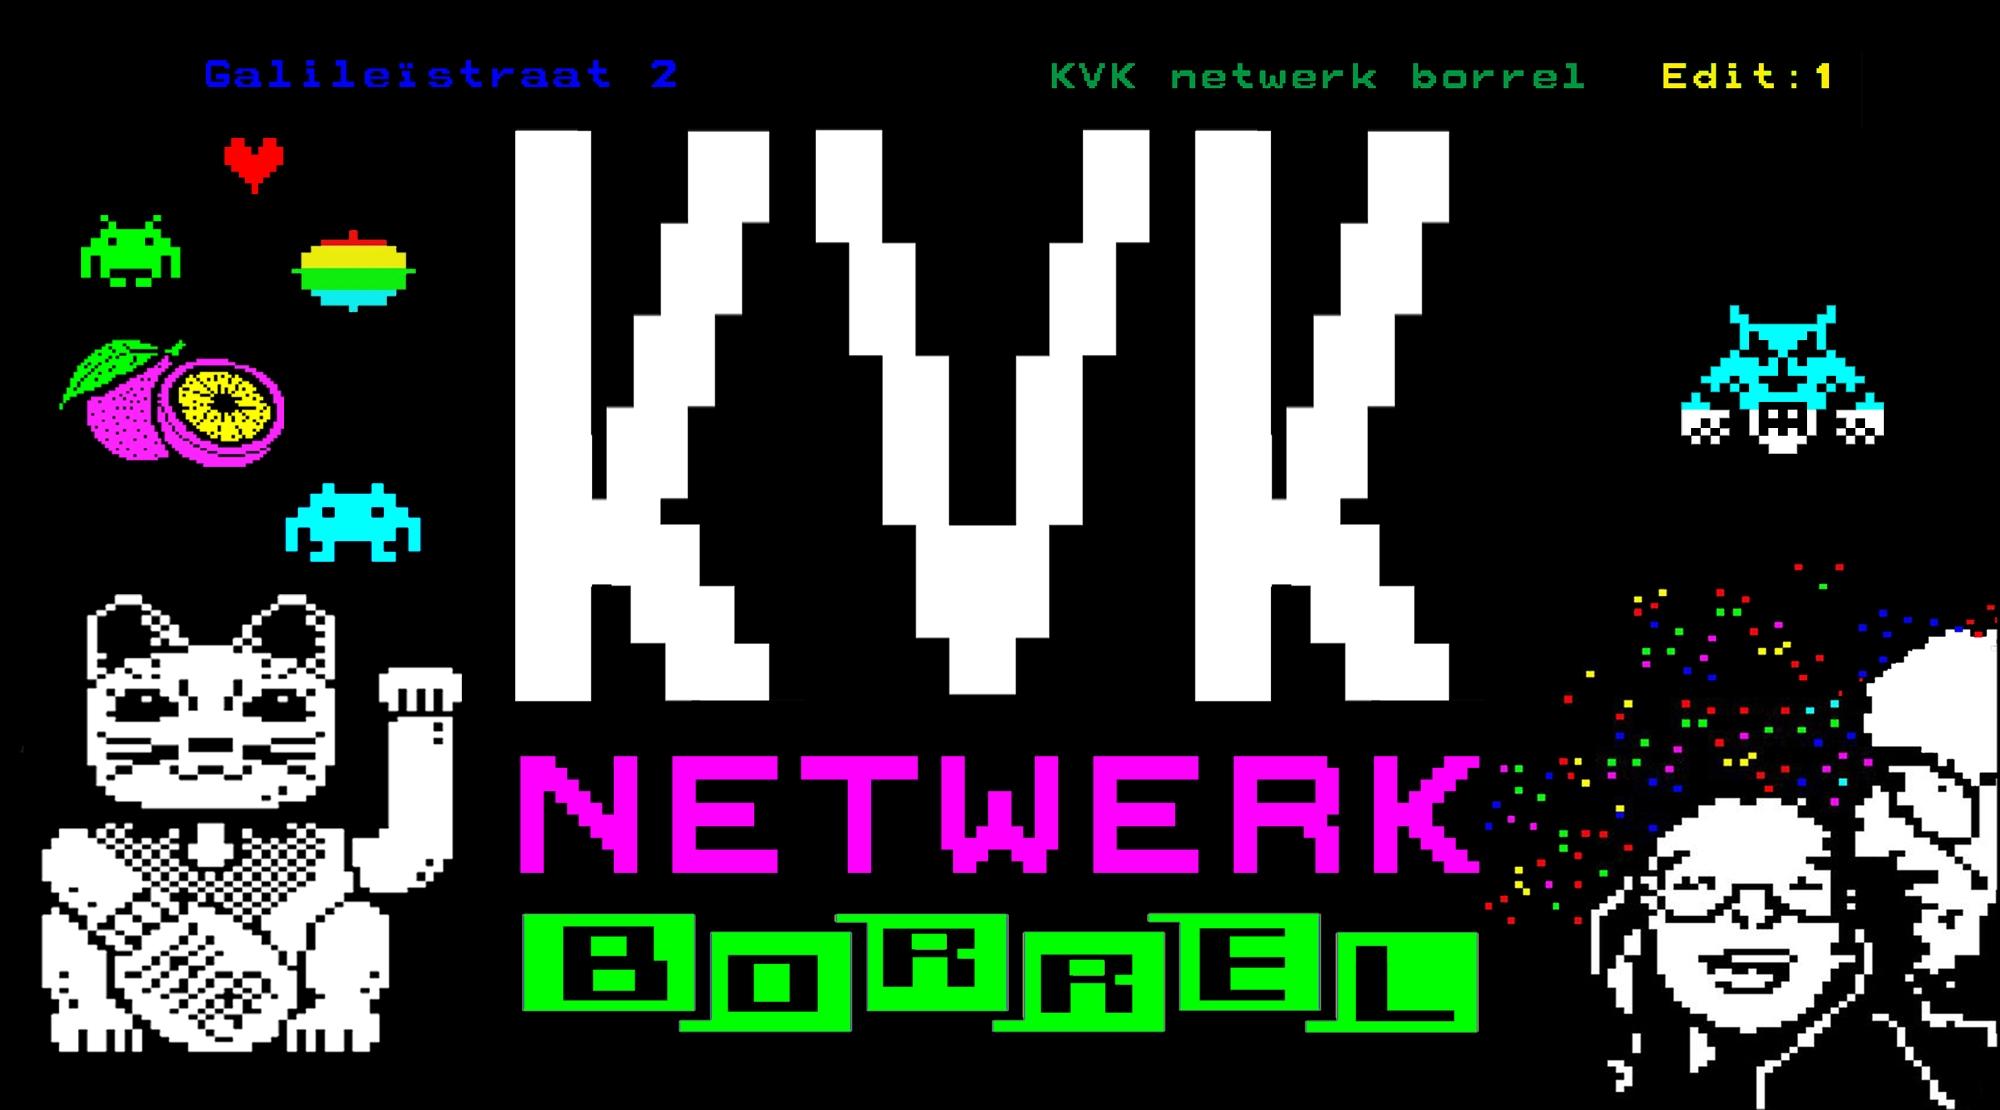 KVK NETWERK BORREL